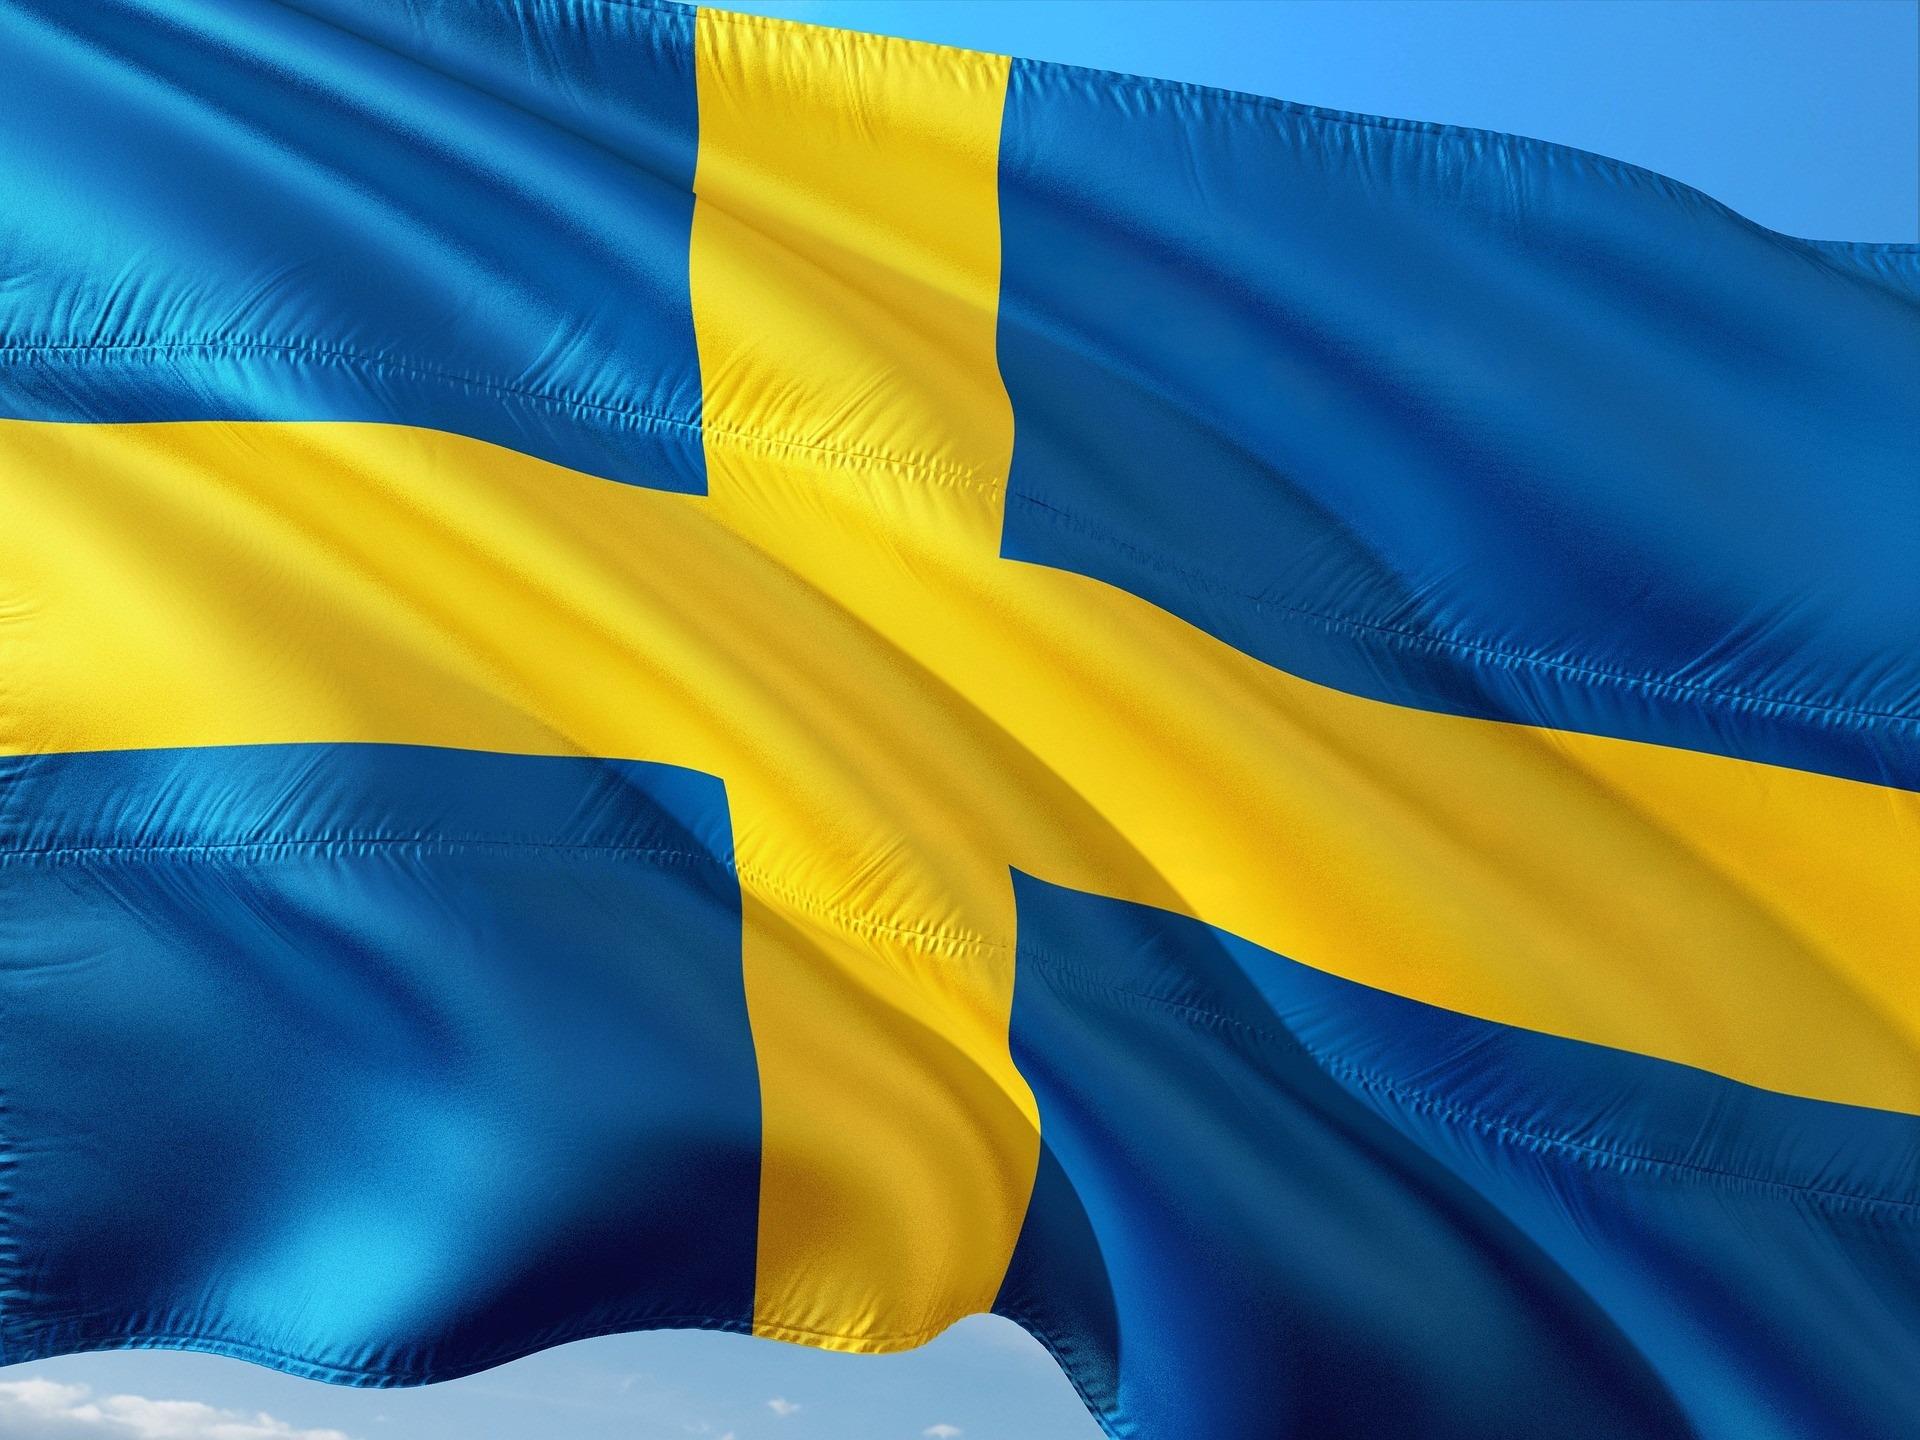 szwecja_flaga